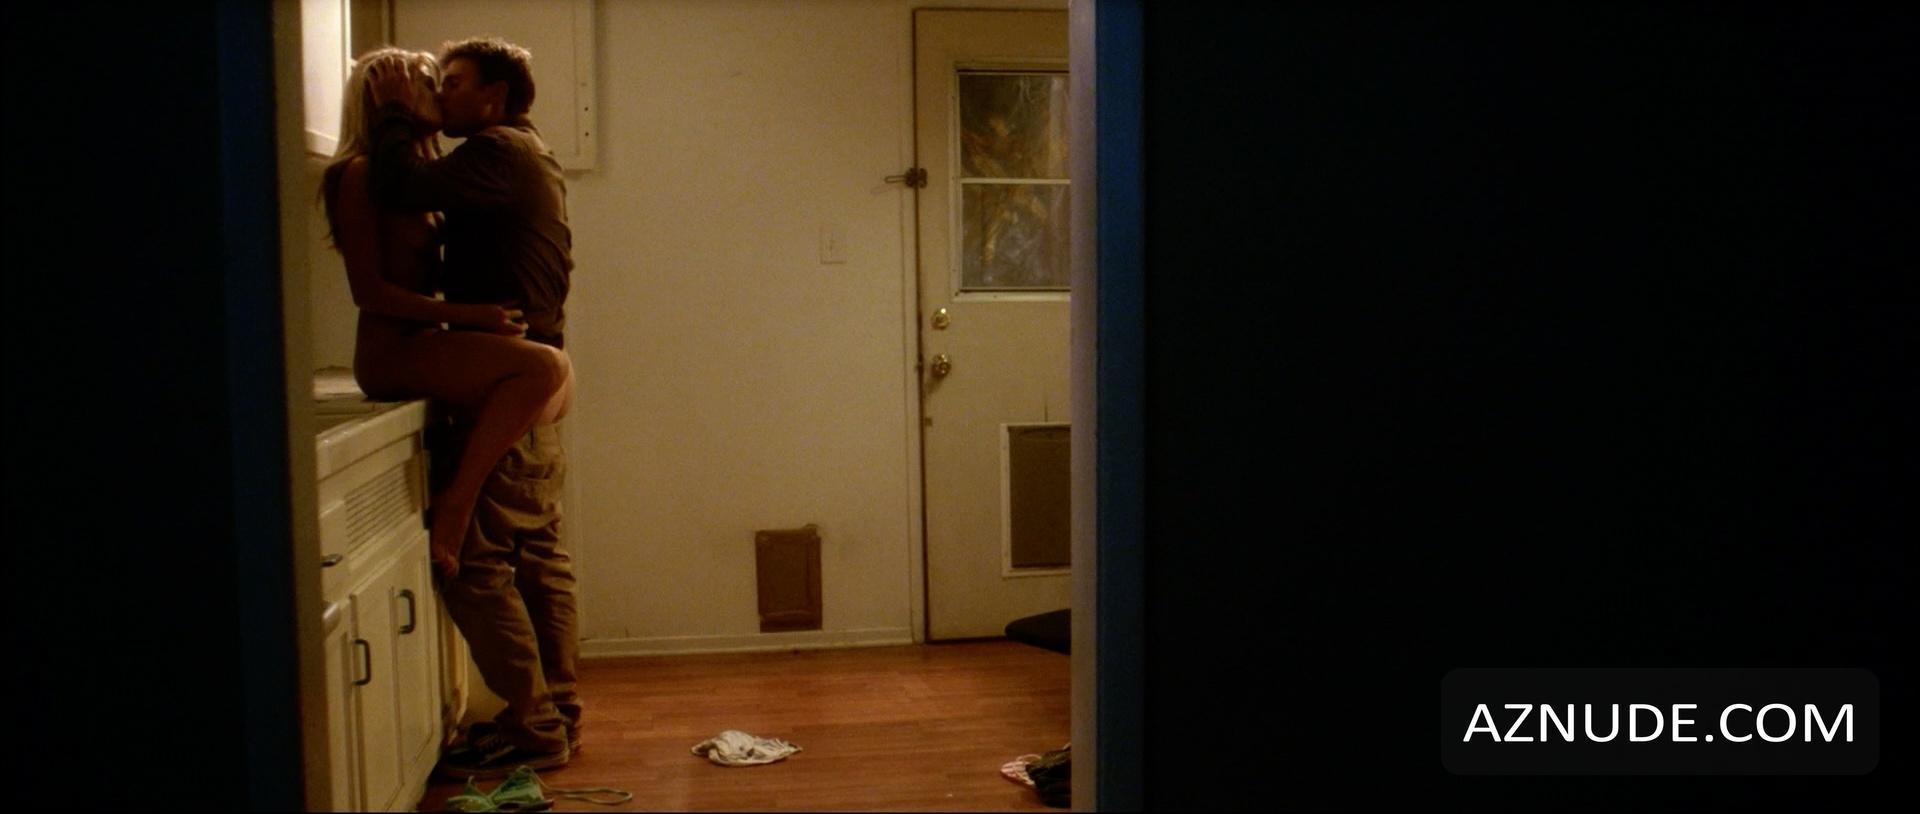 Ideal Viggo Mortensen Nude Photos Scenes